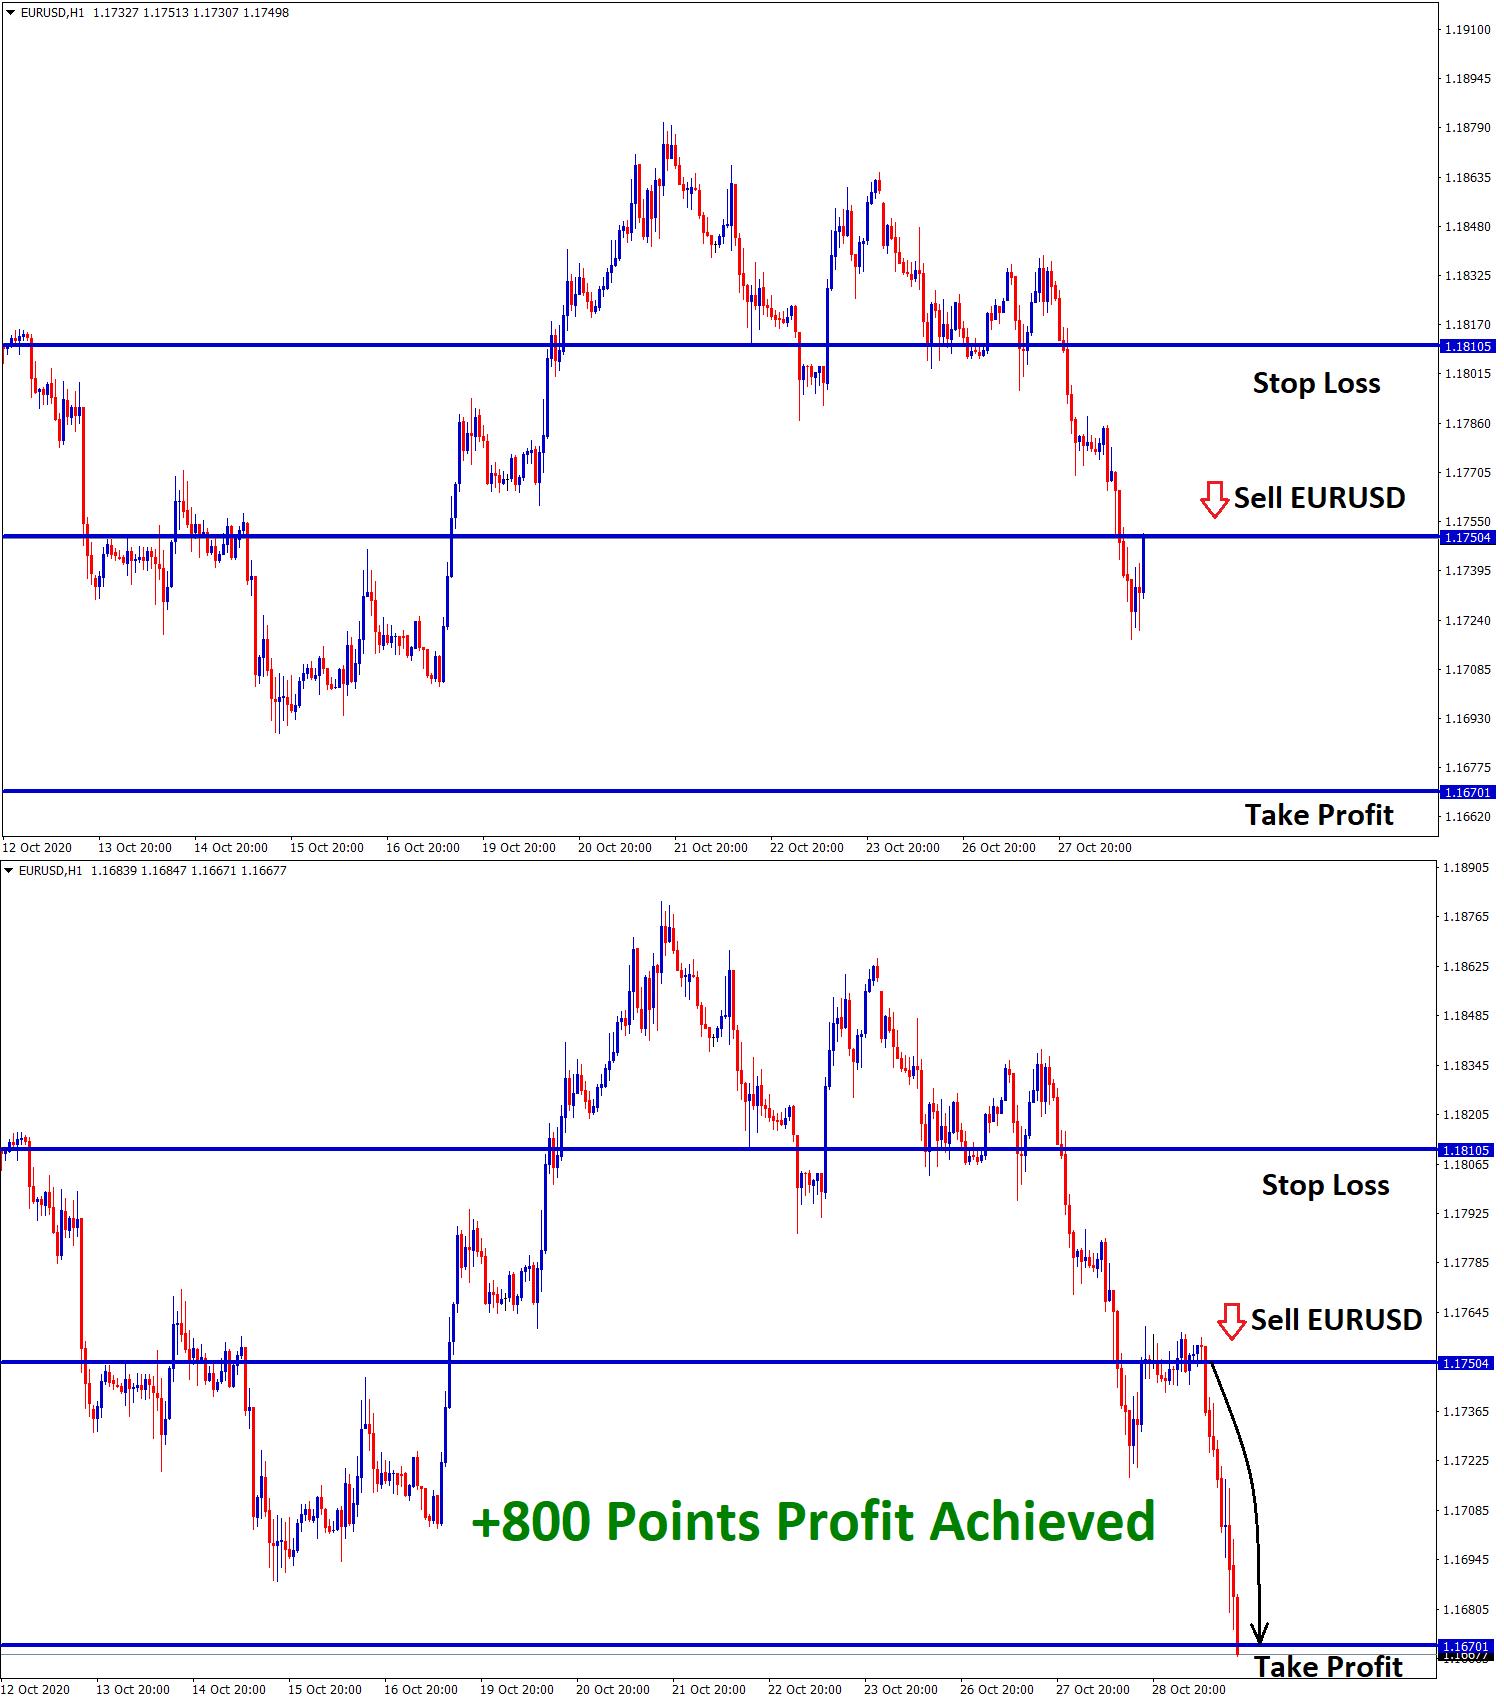 eurusd achieved 800 points profit after breakout